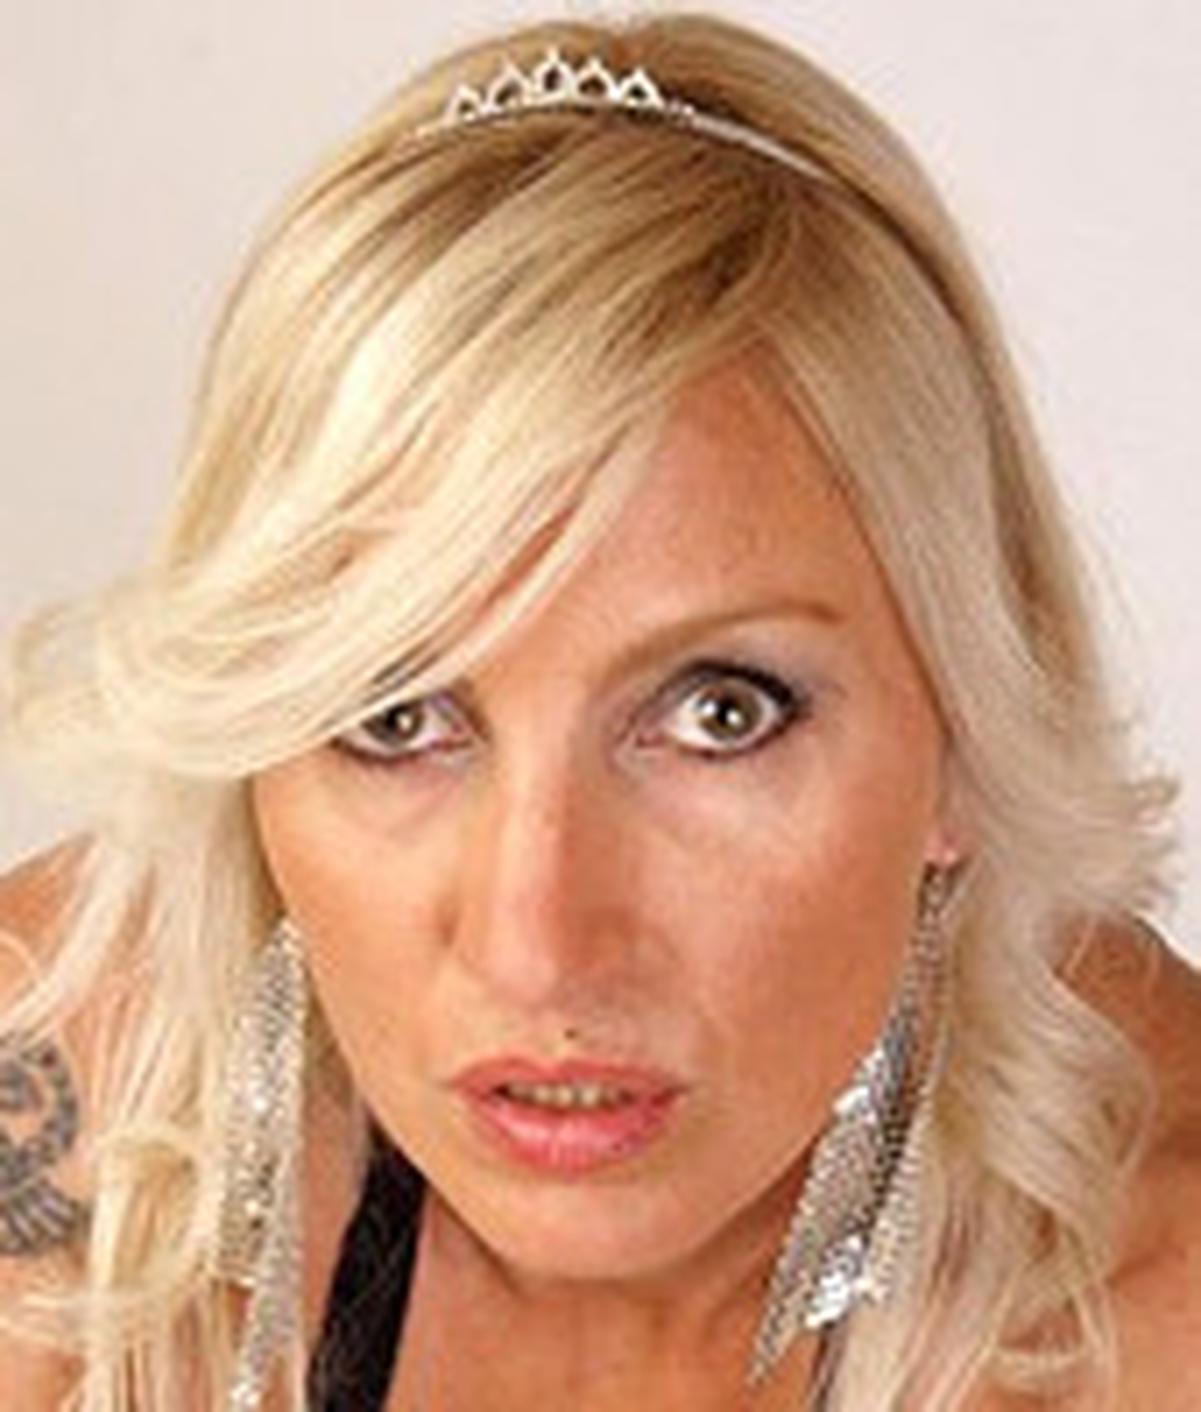 Michelle Soleil